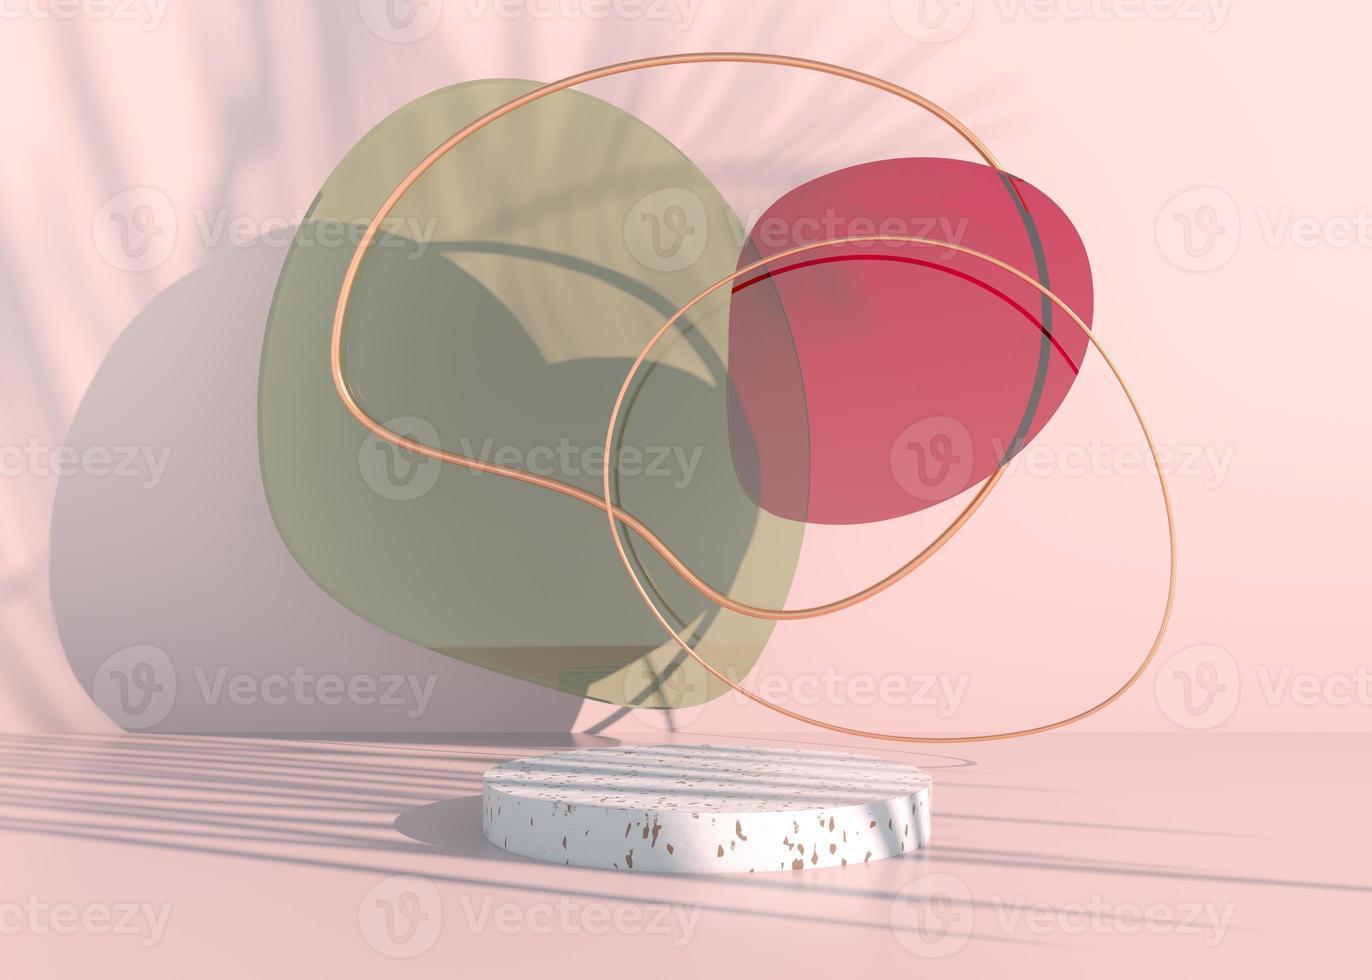 podium boho avec ombres de feuilles de palmier et couleurs pastel pour la présentation de produits cosmétiques. maquette de toile de fond de piédestal de vitrine vide. rendu 3D. photo